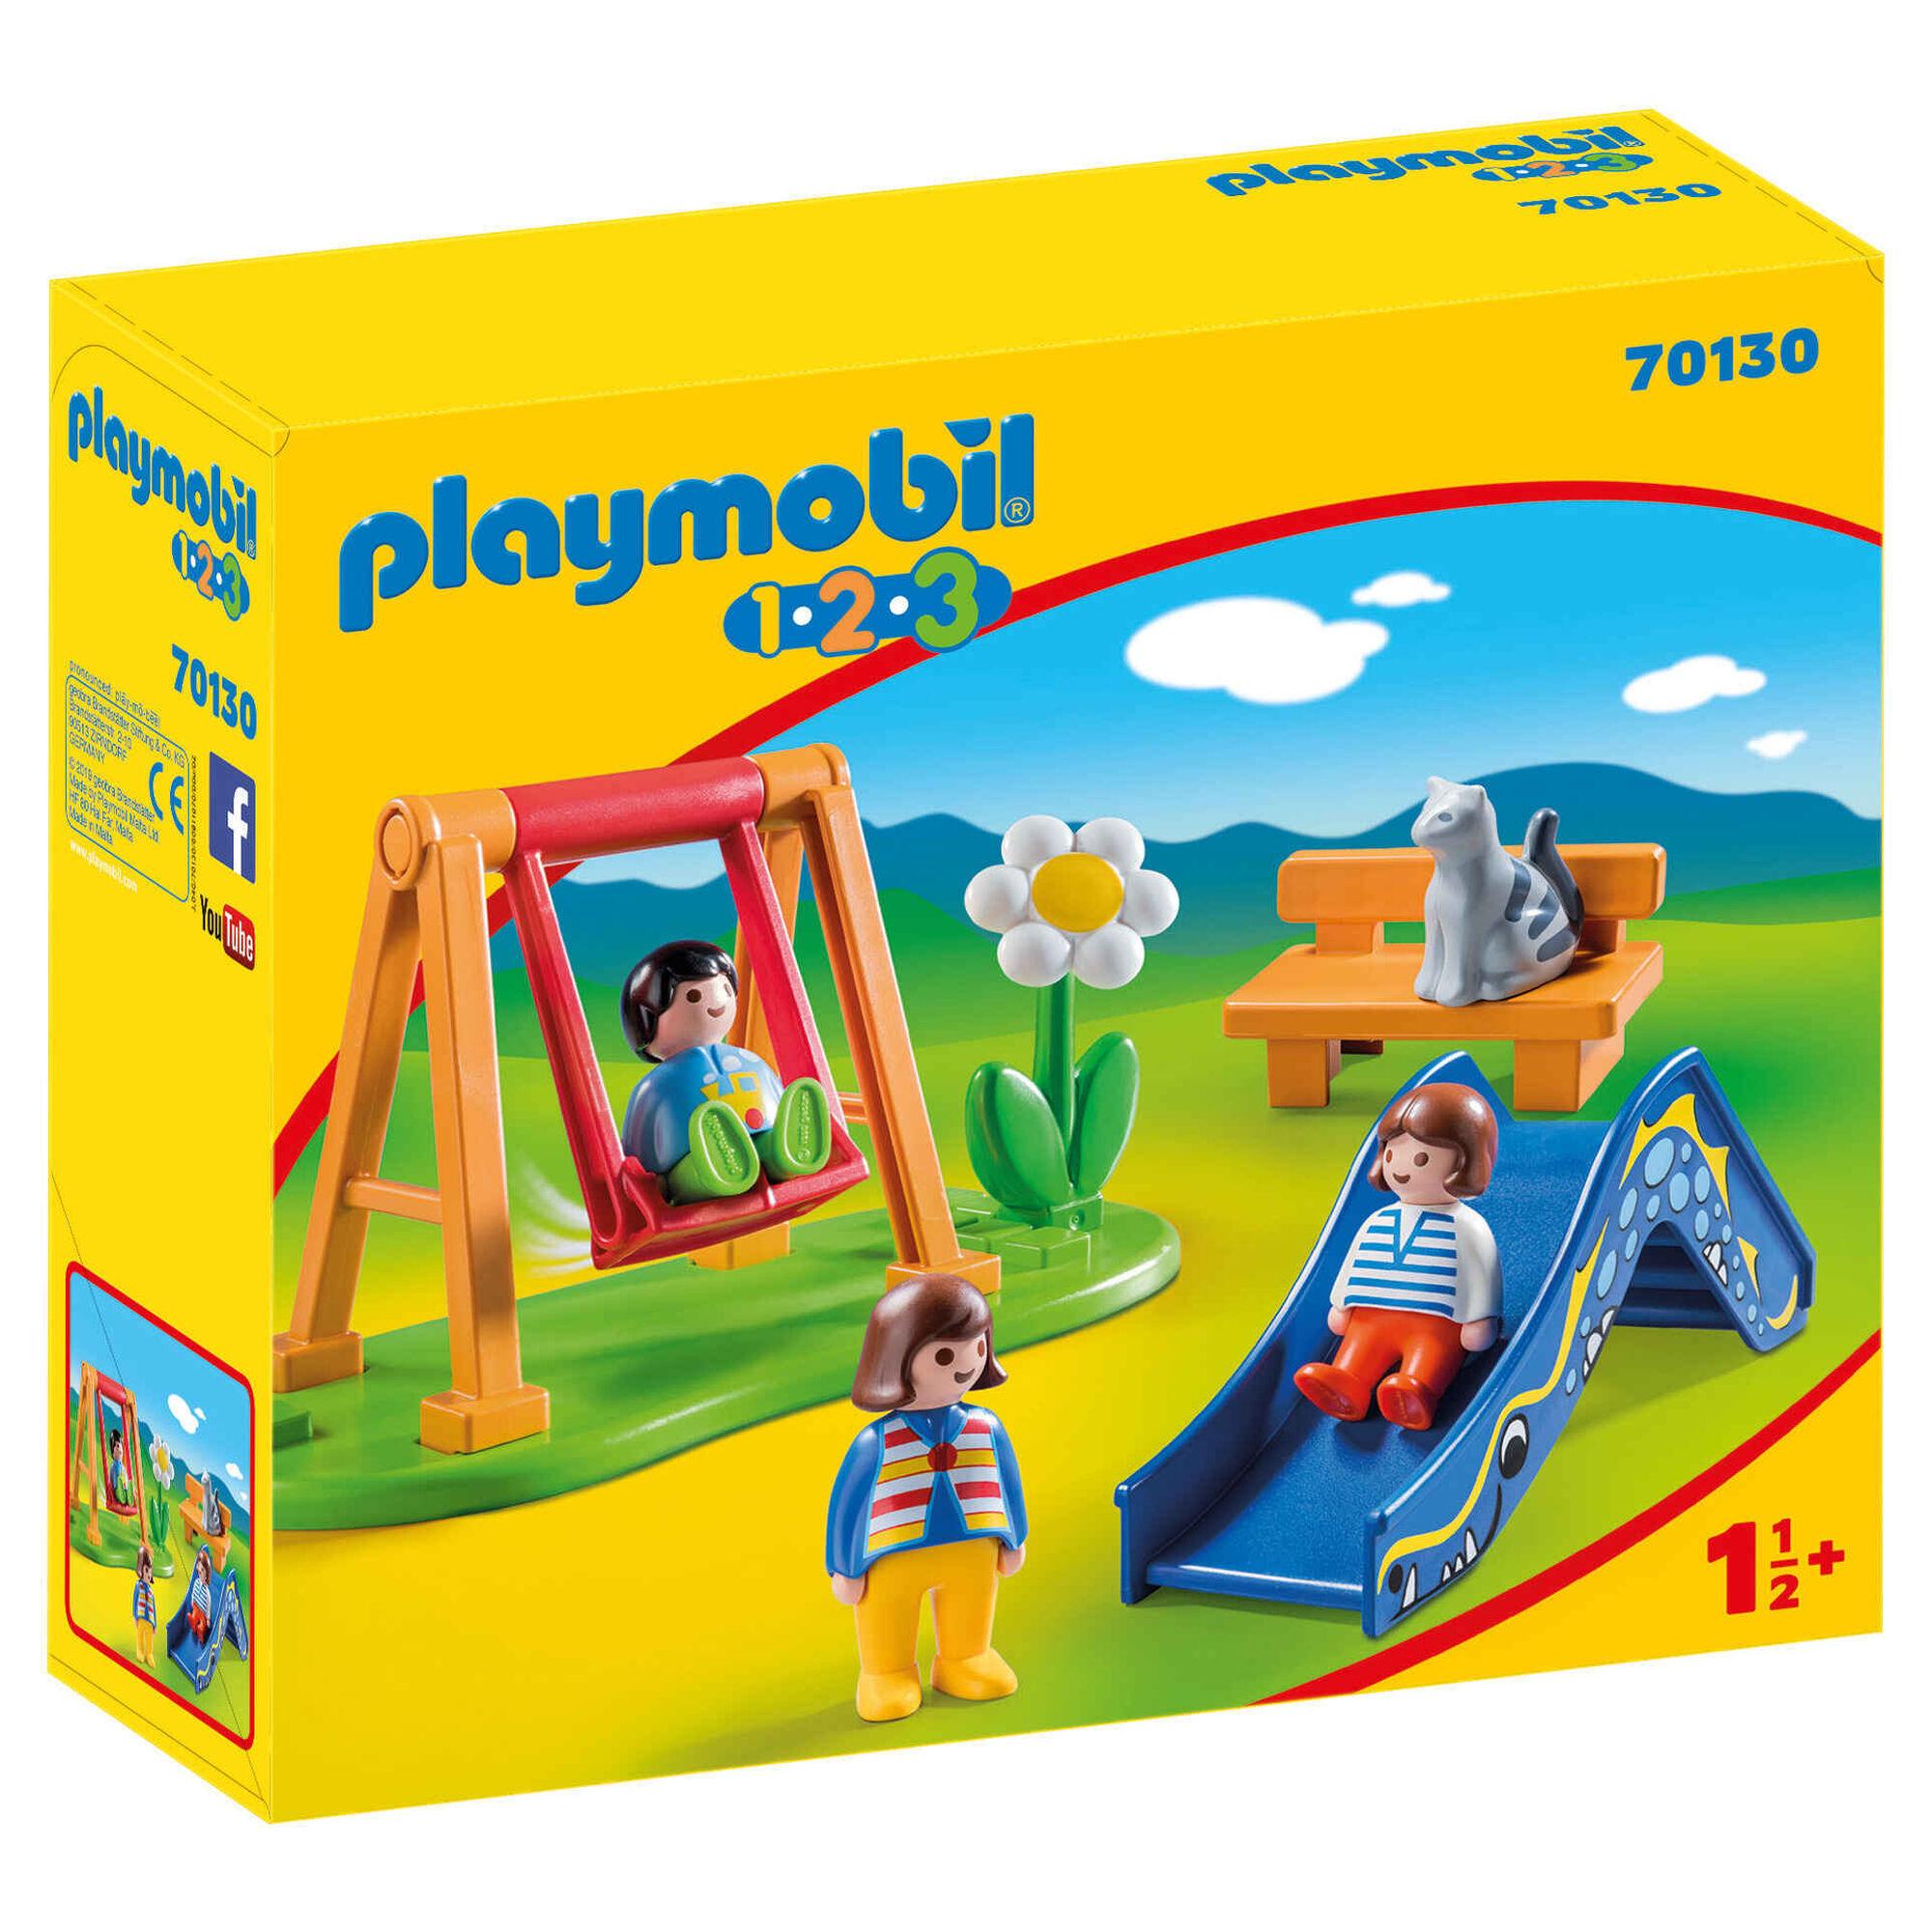 Parque Infantil - 70130